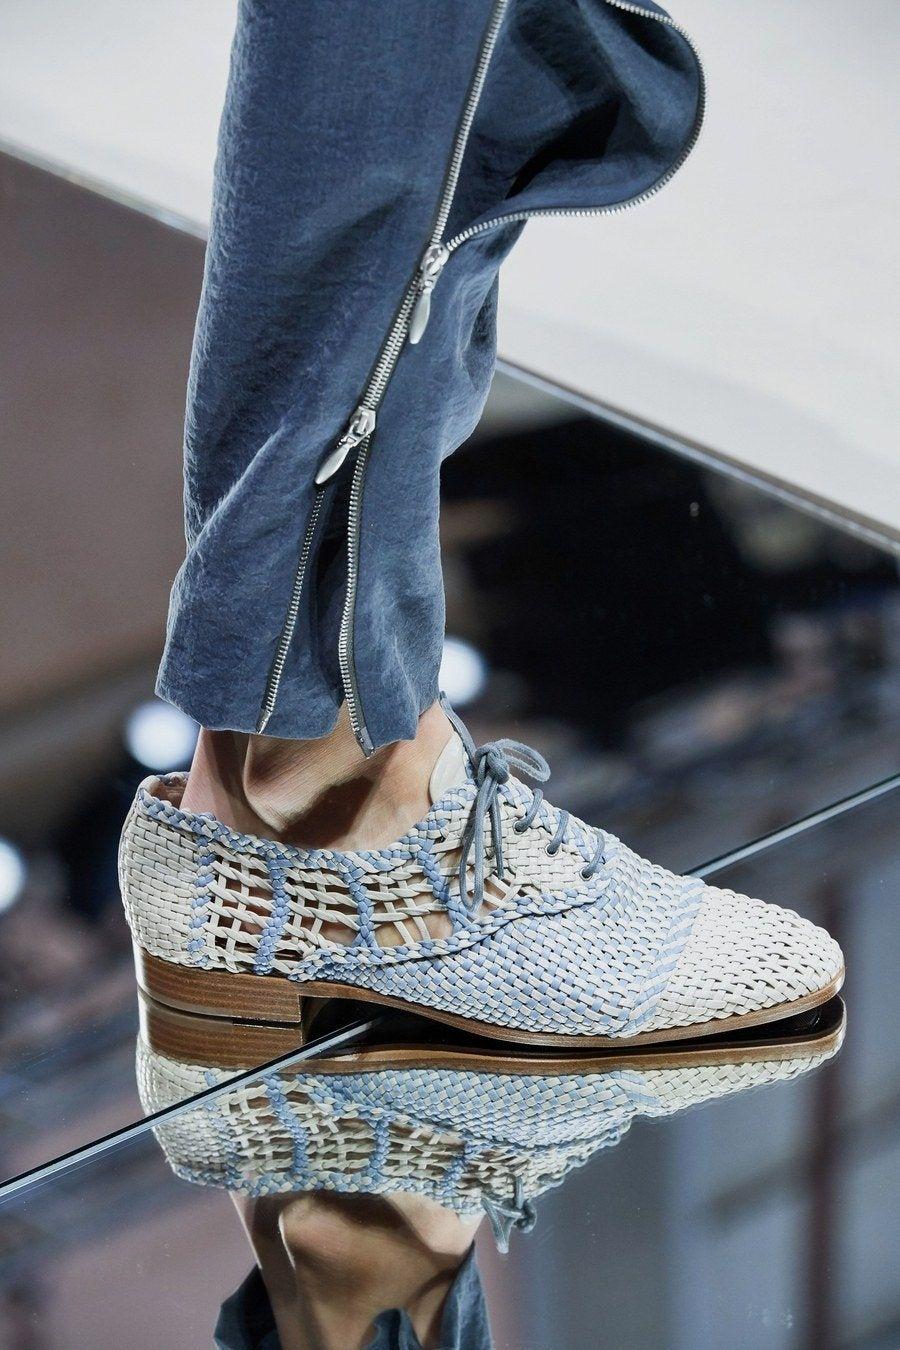 Giorgio Armani Spring 2020 Ready To Wear Fashion Show Giorgio Armani Chelsea Ankle Boots Armani